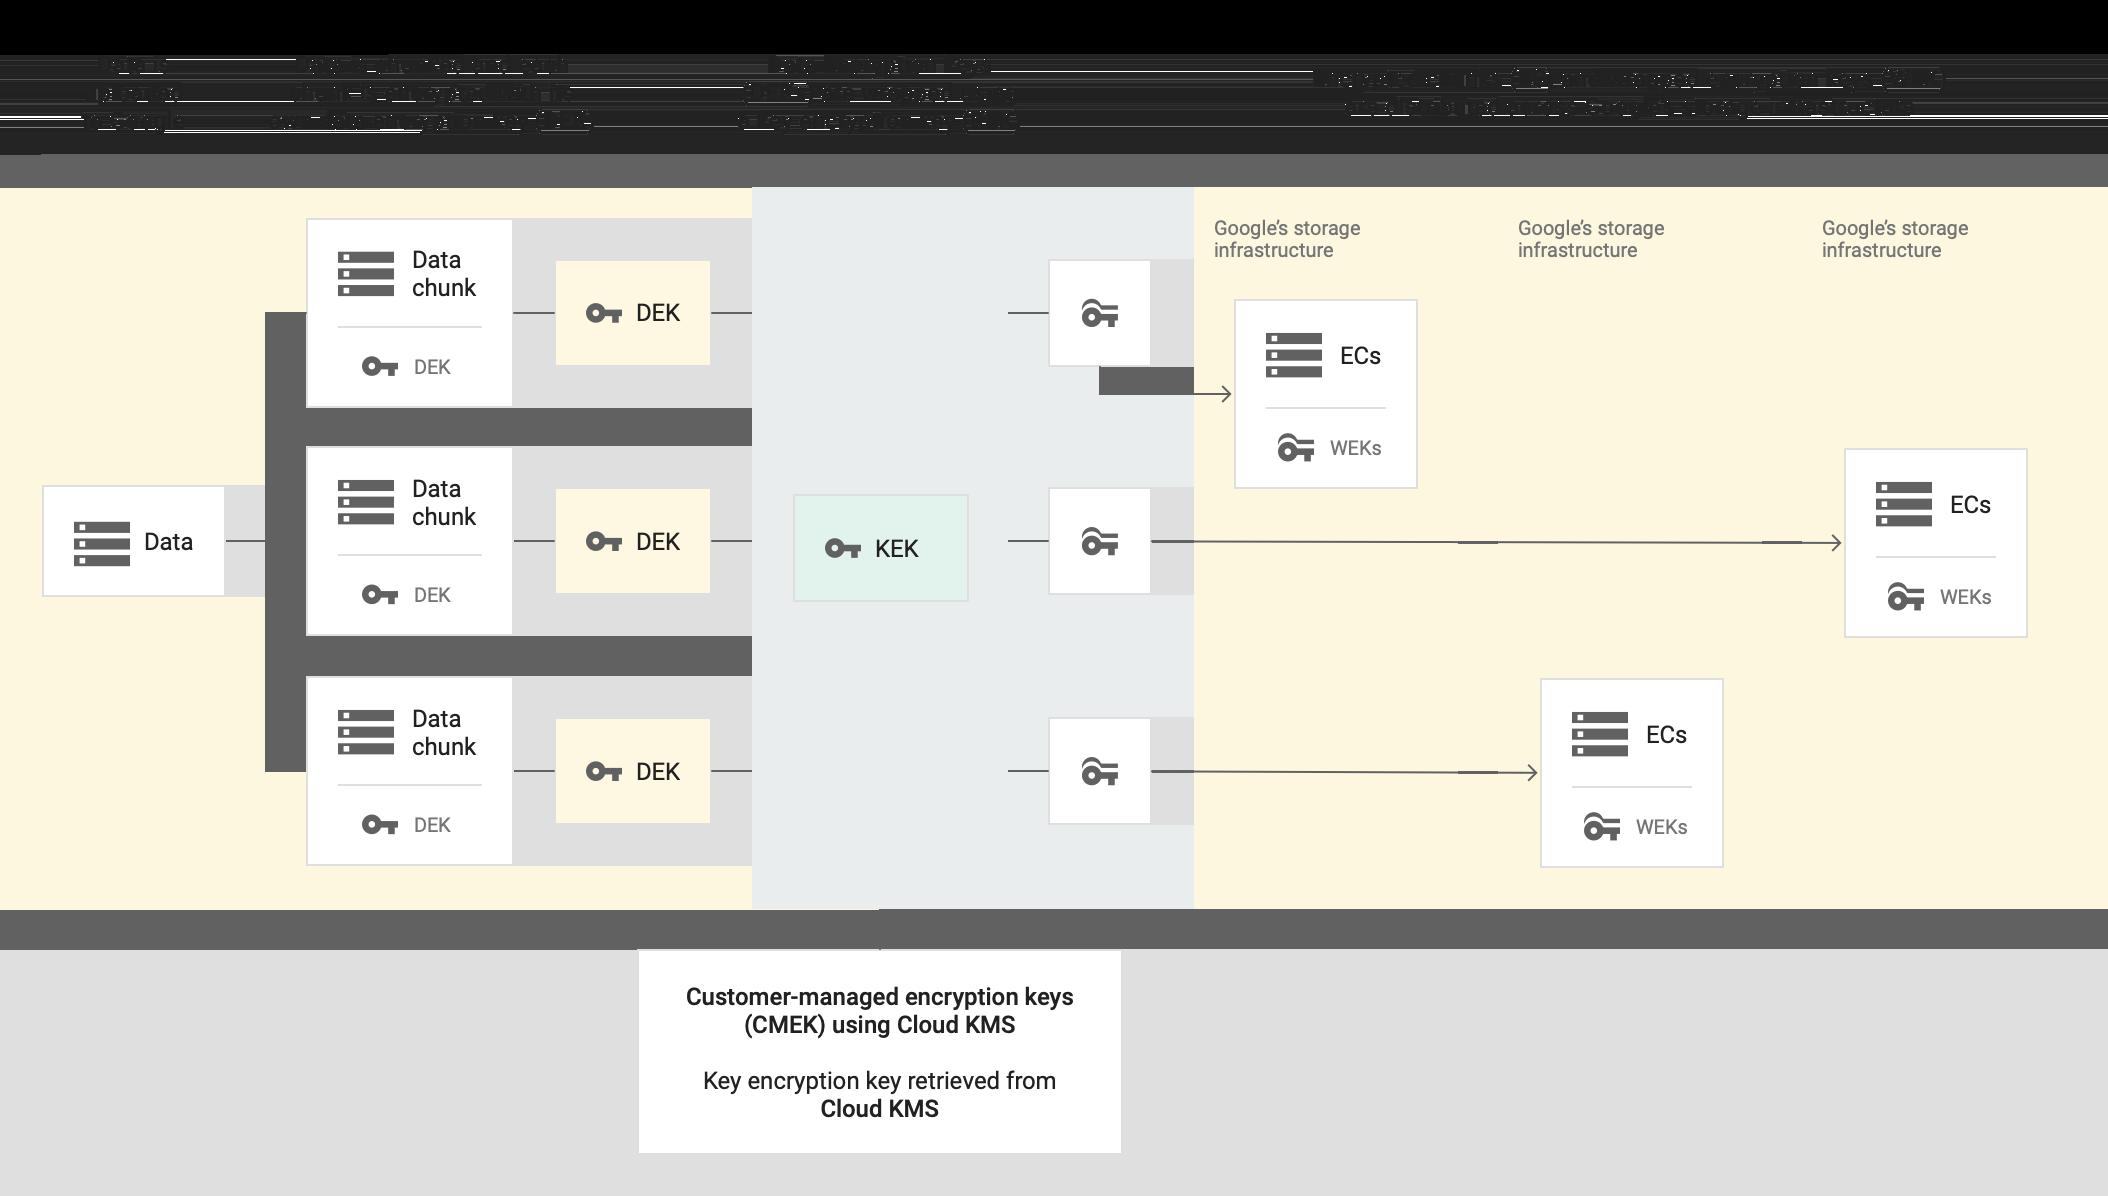 데이터가 Google에 업로드된 다음 청크로 분할되고 각 청크가 자체 데이터 암호화 키로 암호화됩니다. 데이터 암호화 키가 키 암호화 키를 사용하여 래핑됩니다. Cloud KMS를 사용하는 CMEK의 경우 Cloud KMS에서 키 암호화 키를 가져옵니다. 암호화된 청크와 래핑된 암호화 키가 Google 스토리지 인프라에 배포됩니다.